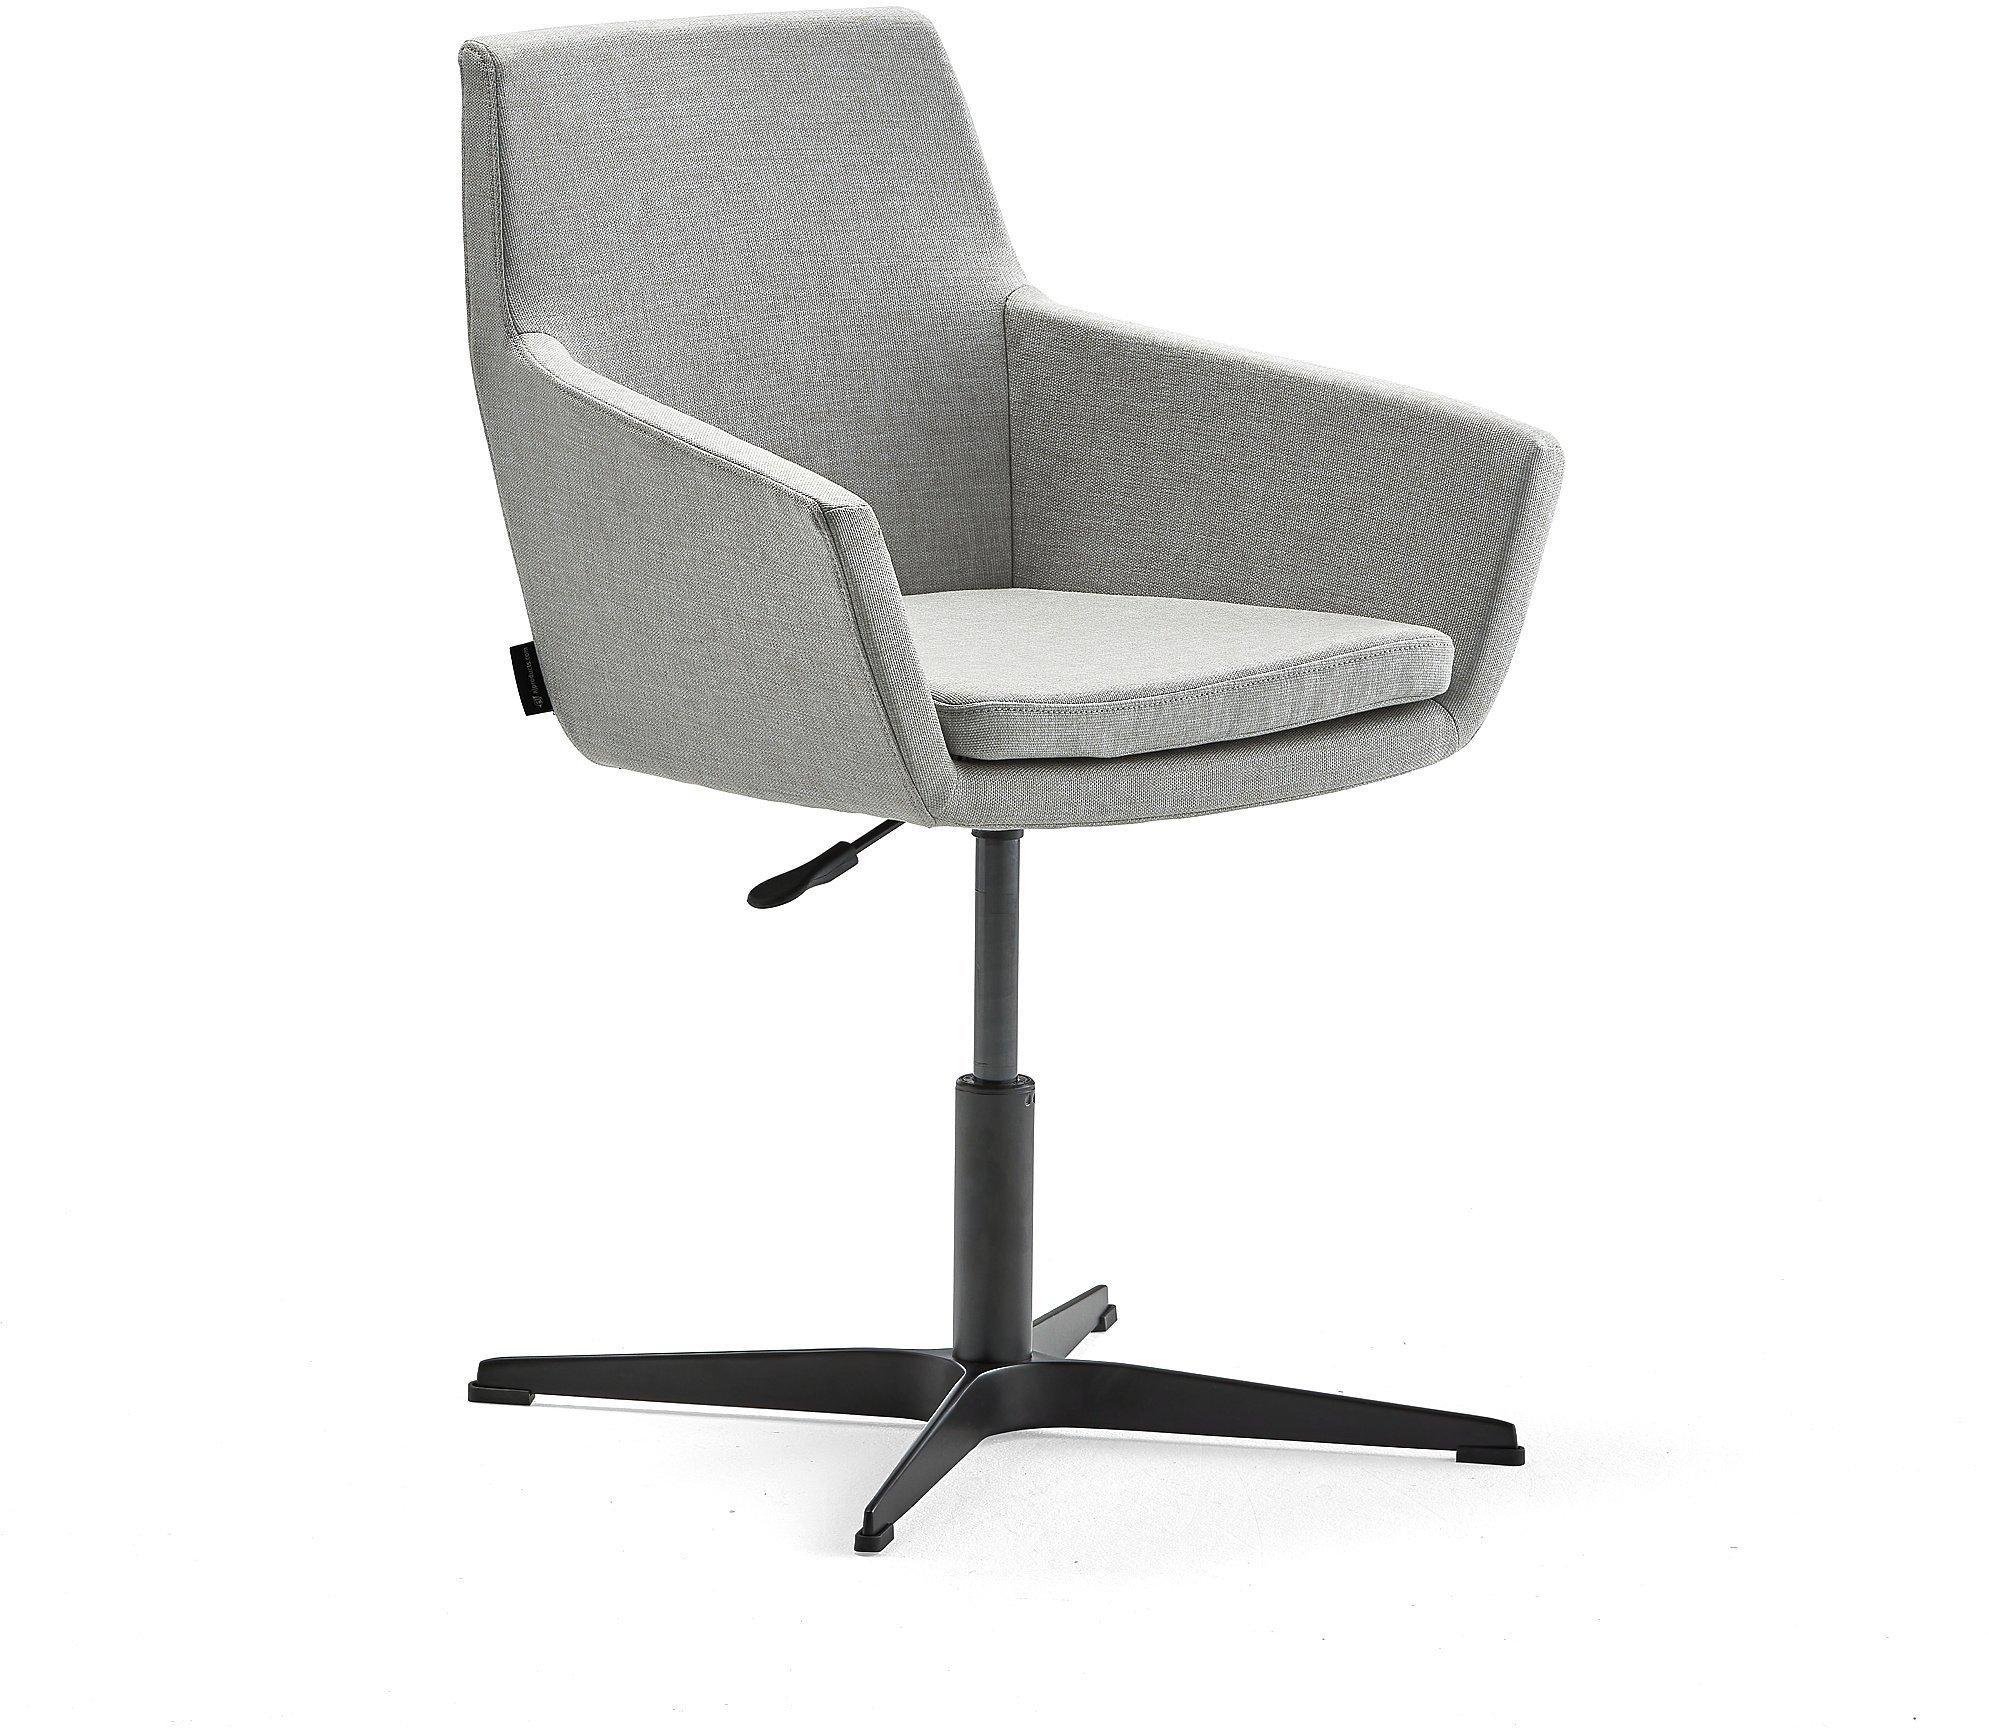 Konferenčná stolička Fairfield, čierna, striebornošedá